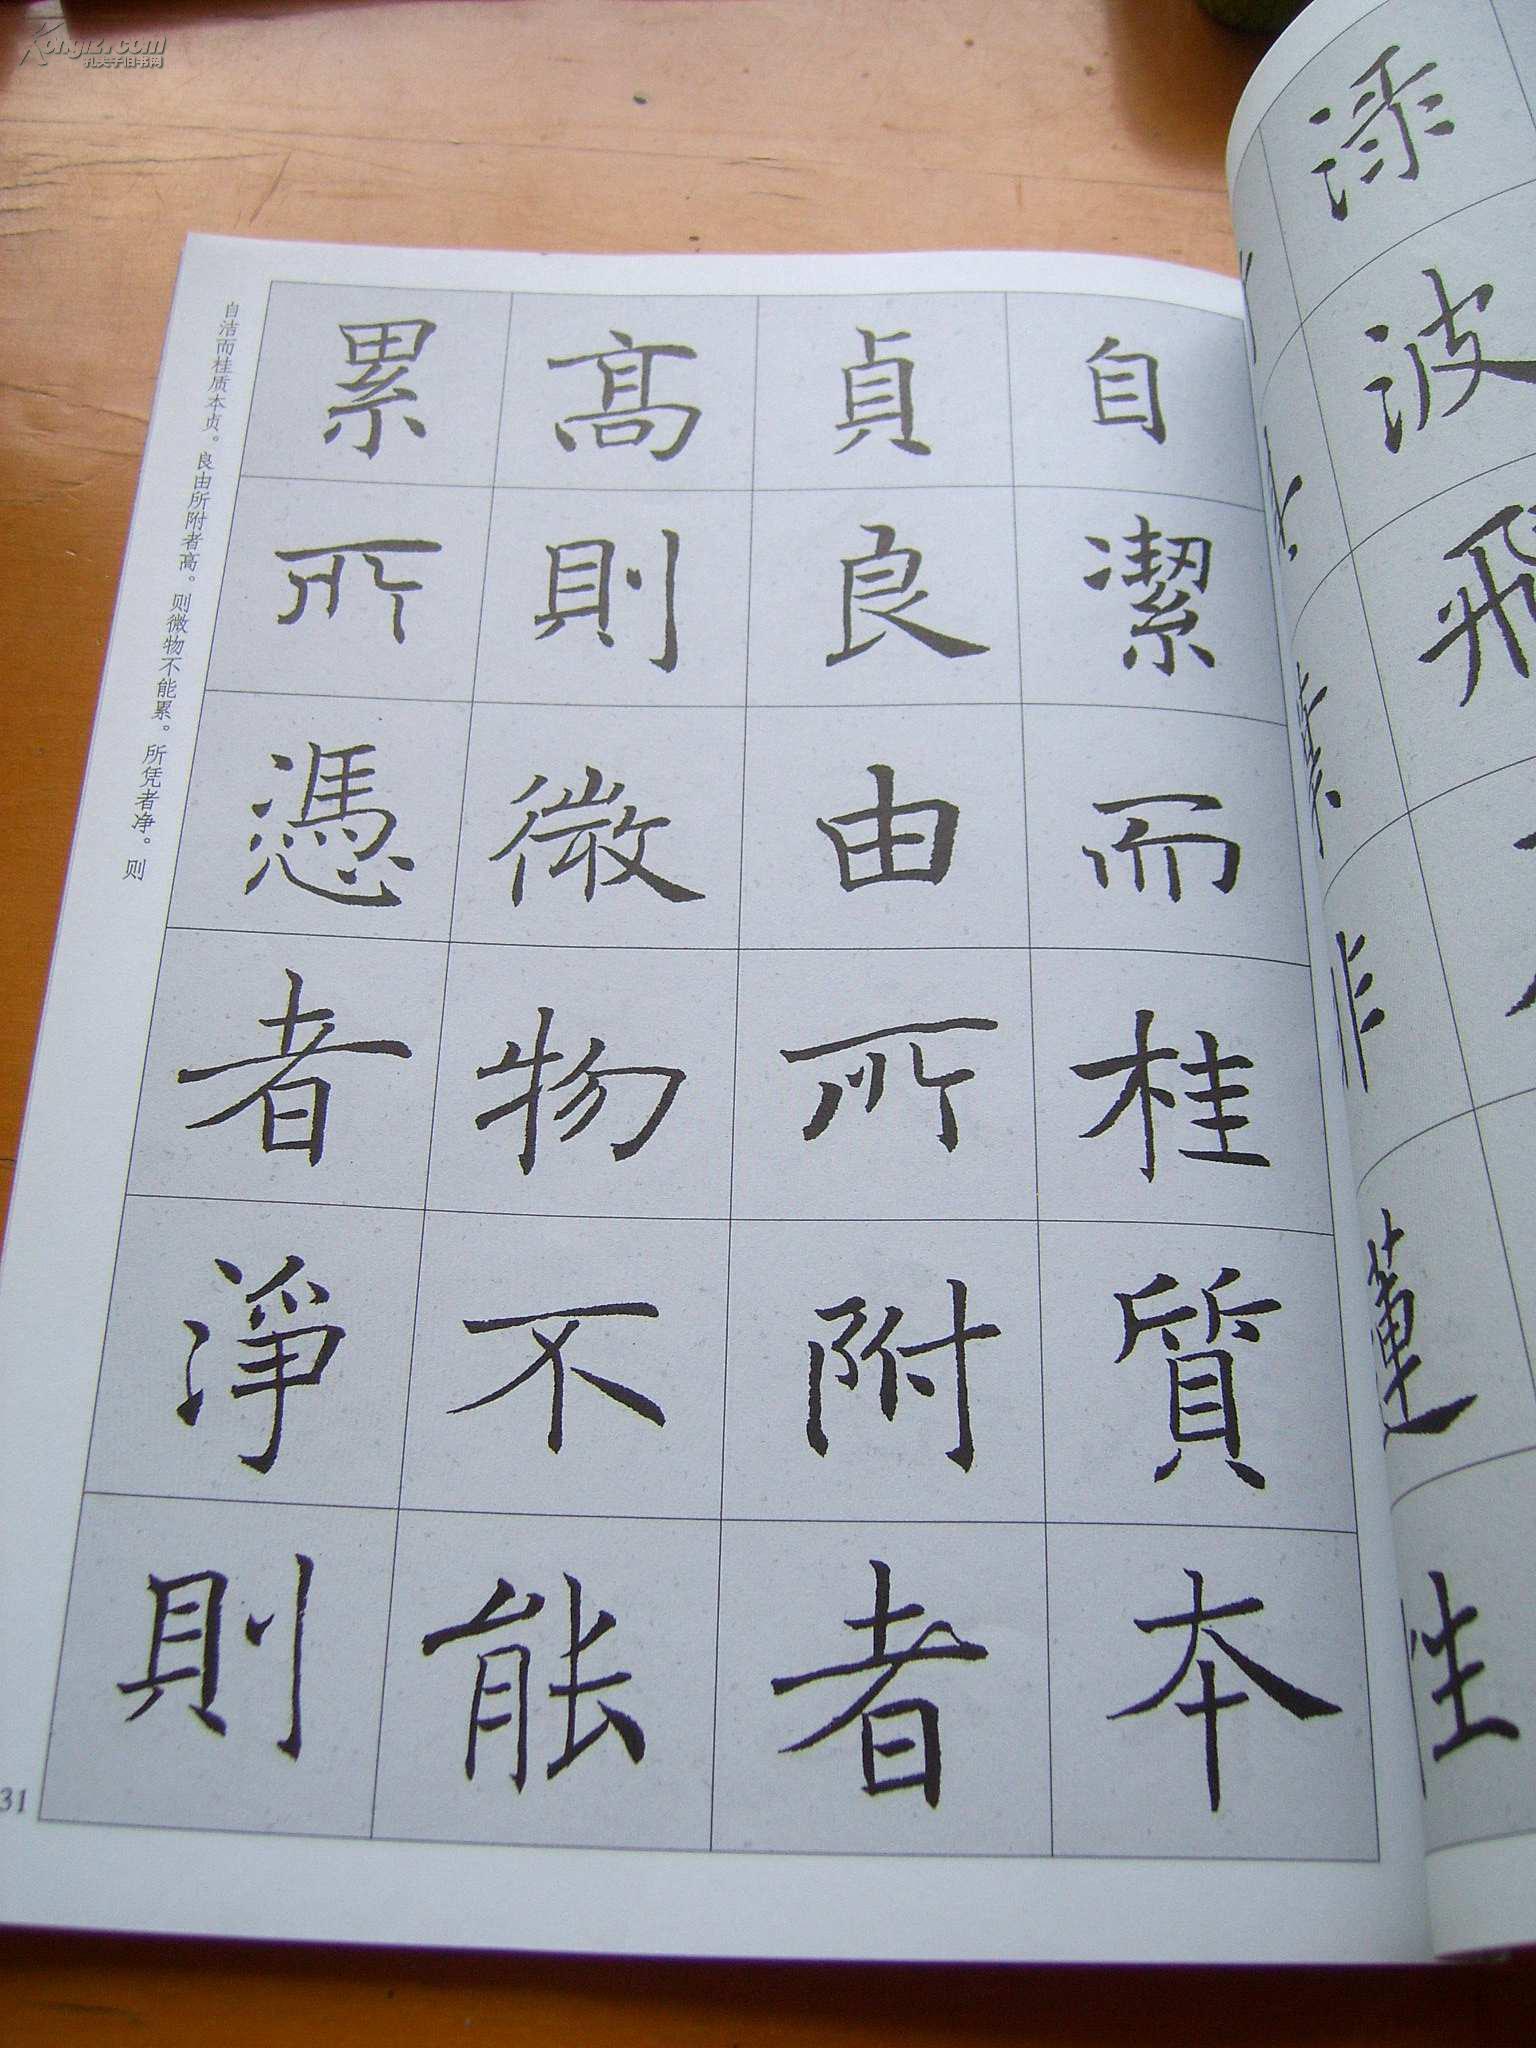 临写褚遂良的雁塔圣教序用什么毛笔 说清楚一些 最好说出具体型号 谢谢图片